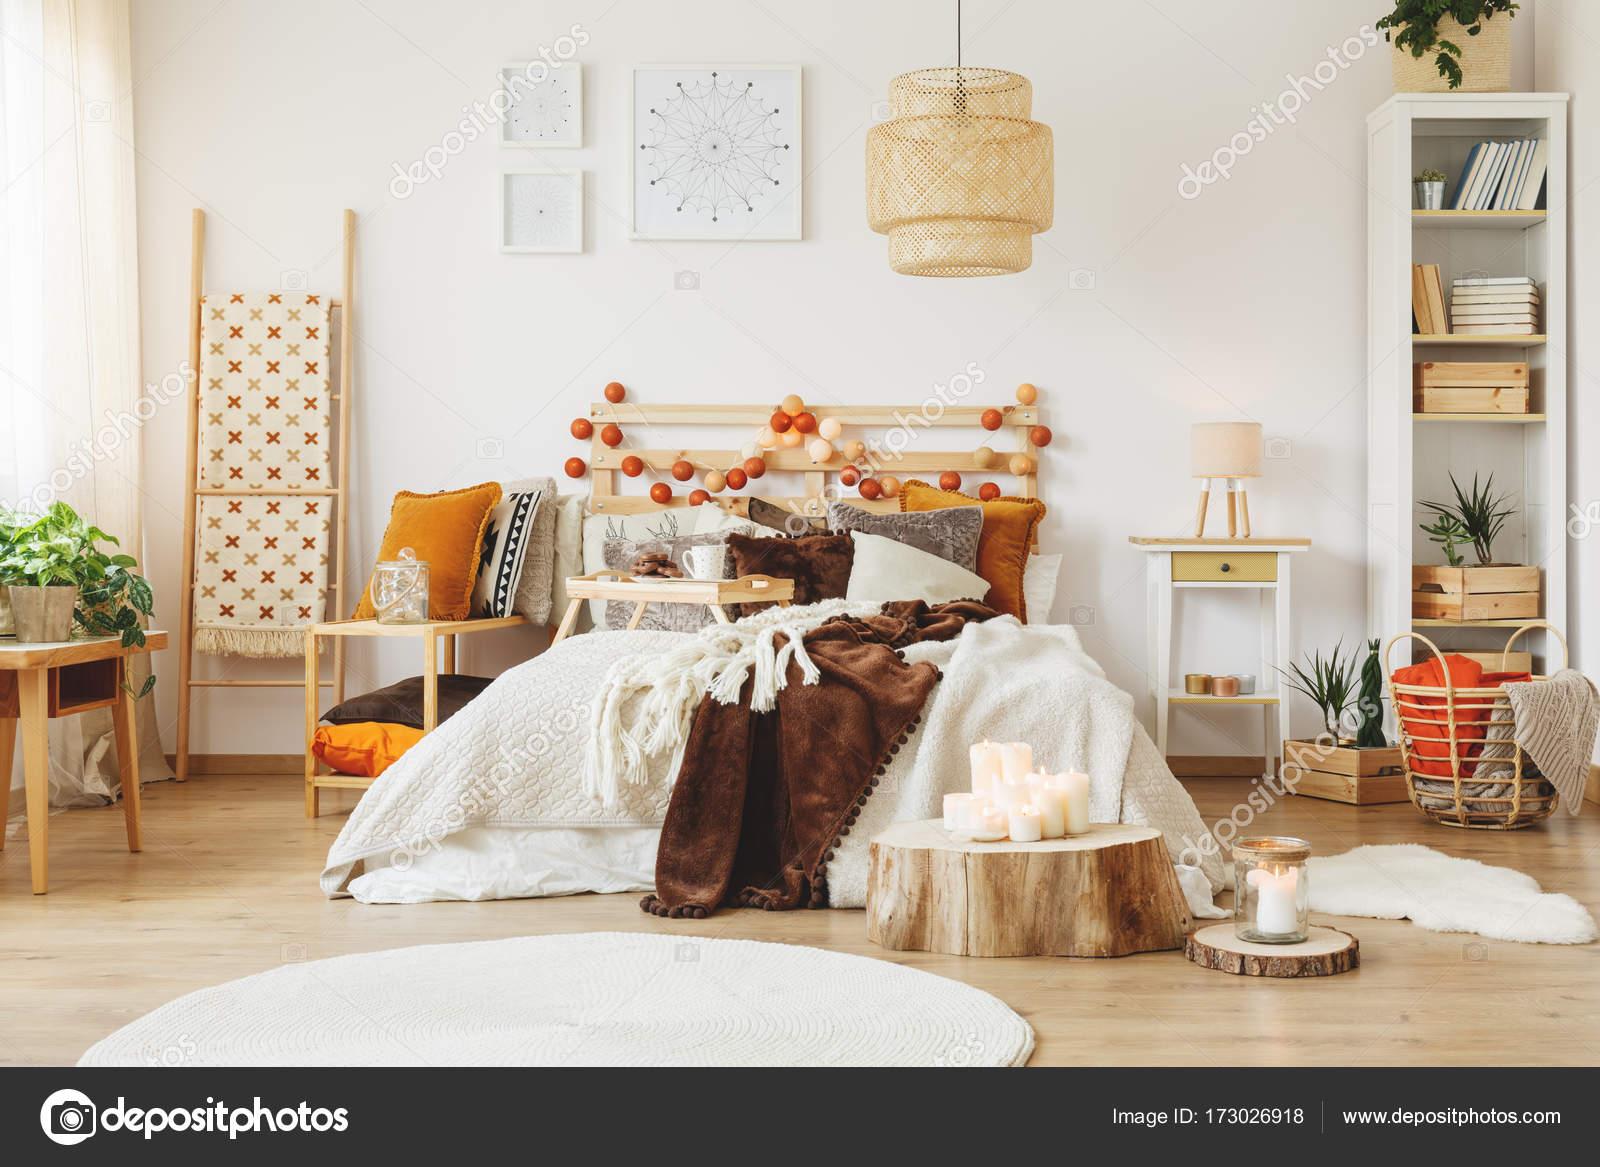 Scandinavische stijl slaapkamer interieur — Stockfoto © photographee ...